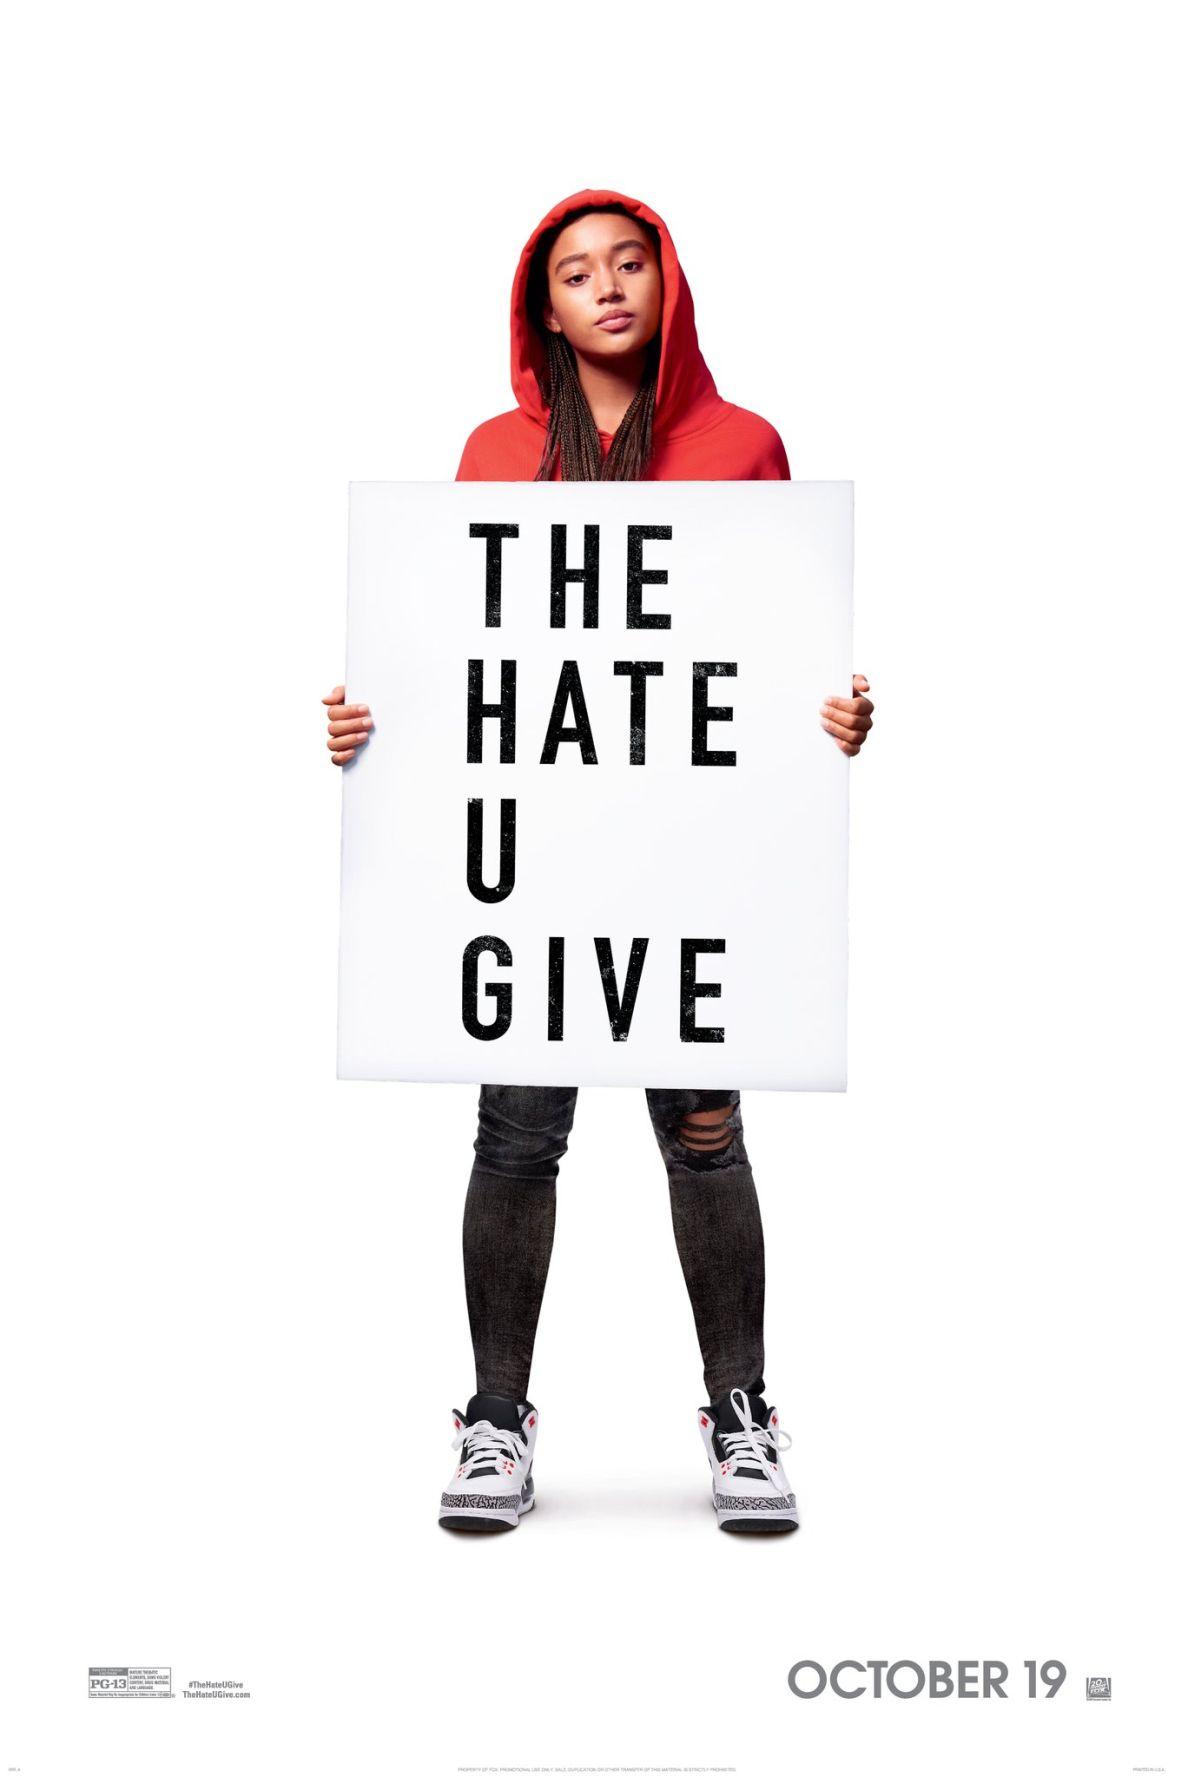 ดูหนังออนไลน์ The Hate U Give (2018)